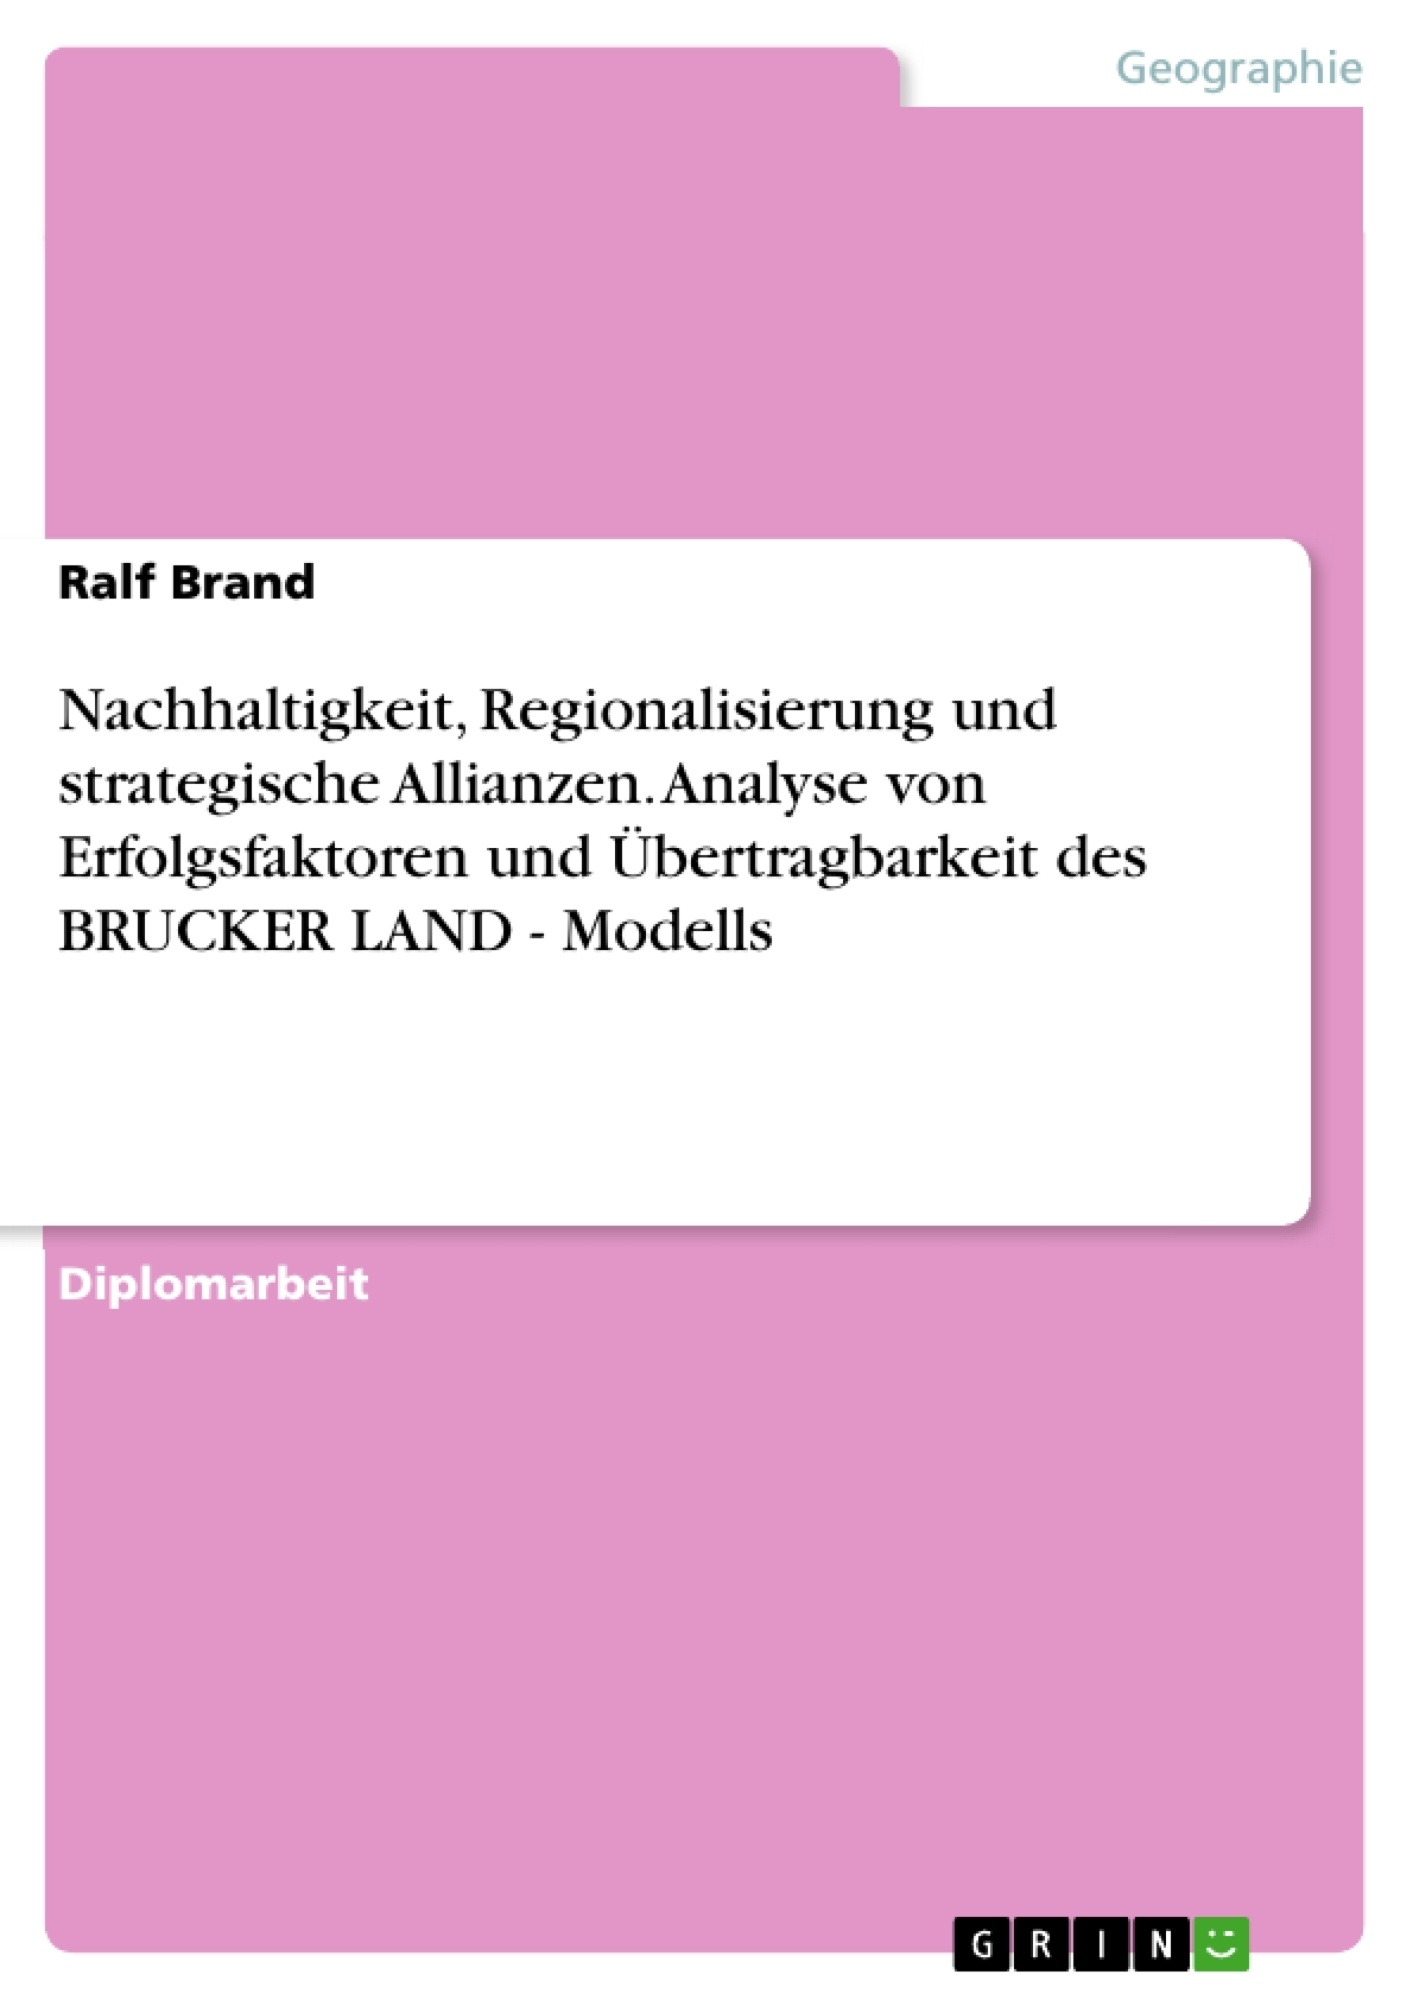 Titel: Nachhaltigkeit, Regionalisierung und strategische Allianzen. Analyse von Erfolgsfaktoren und Übertragbarkeit des BRUCKER LAND - Modells